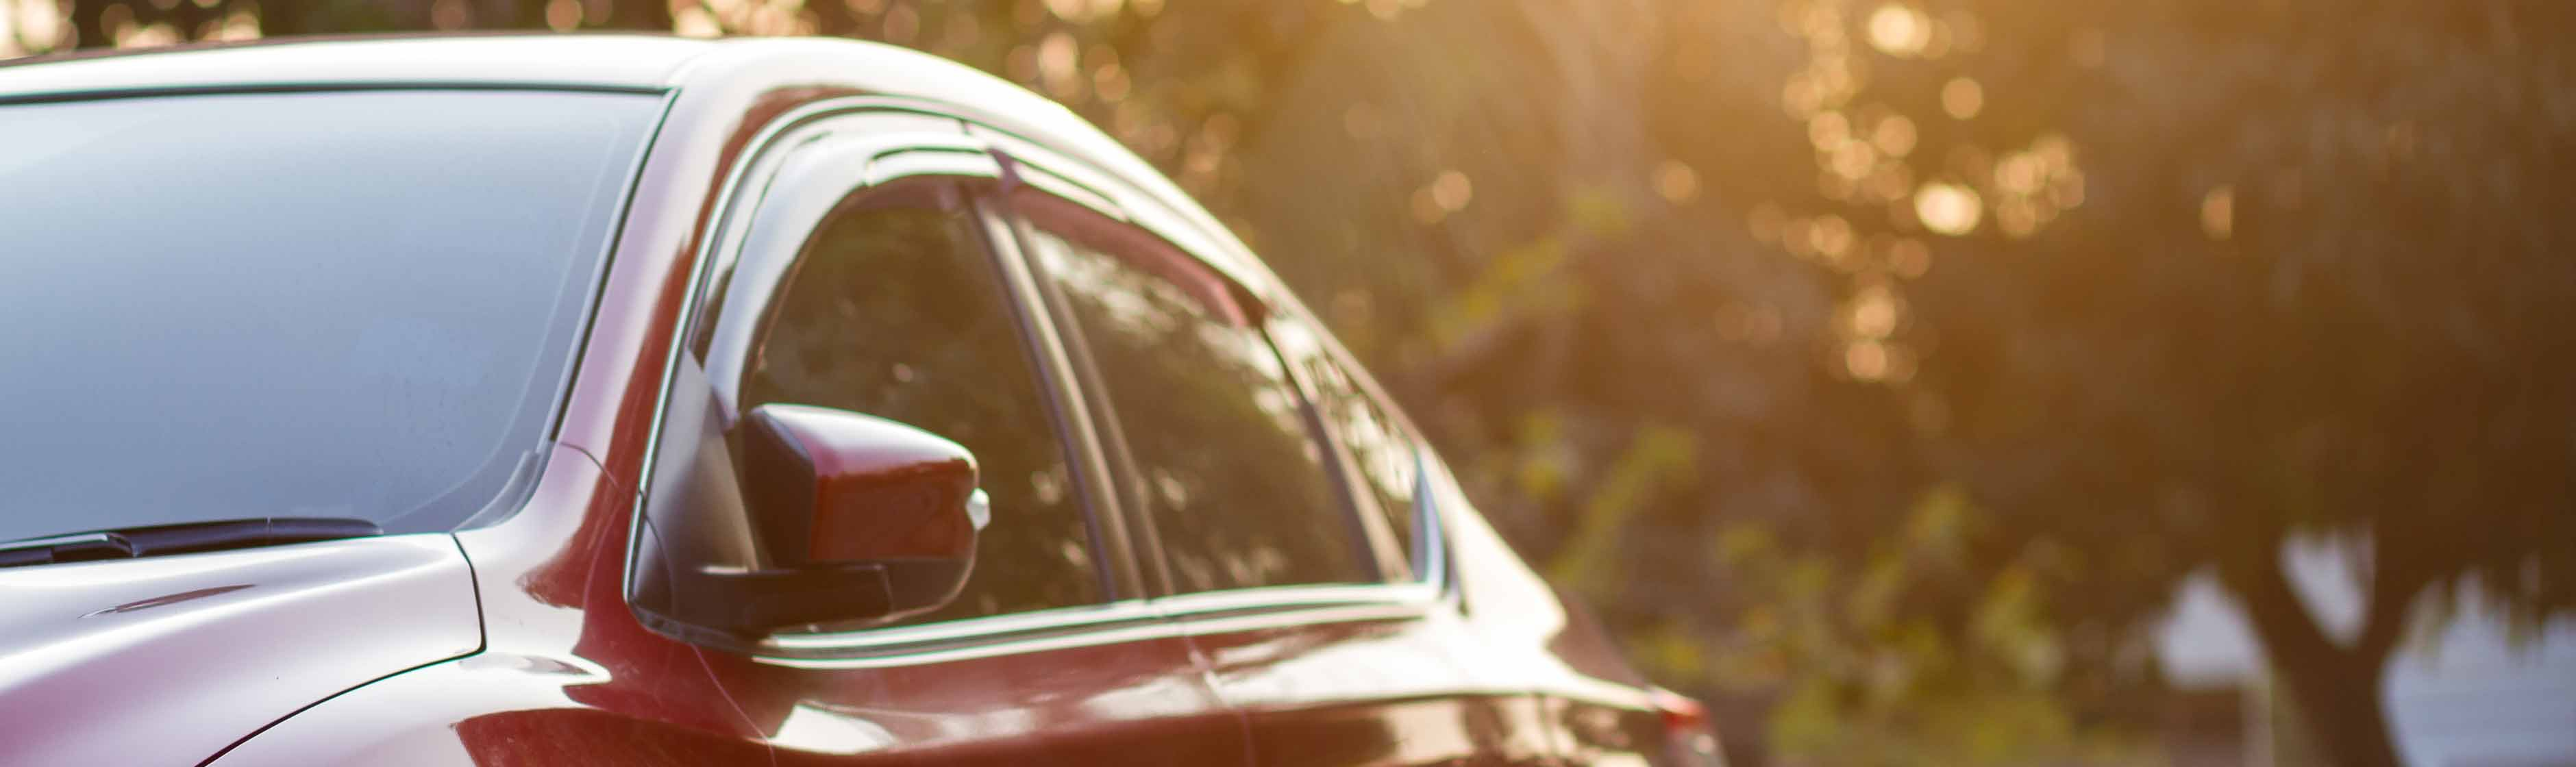 Felgekleurde auto